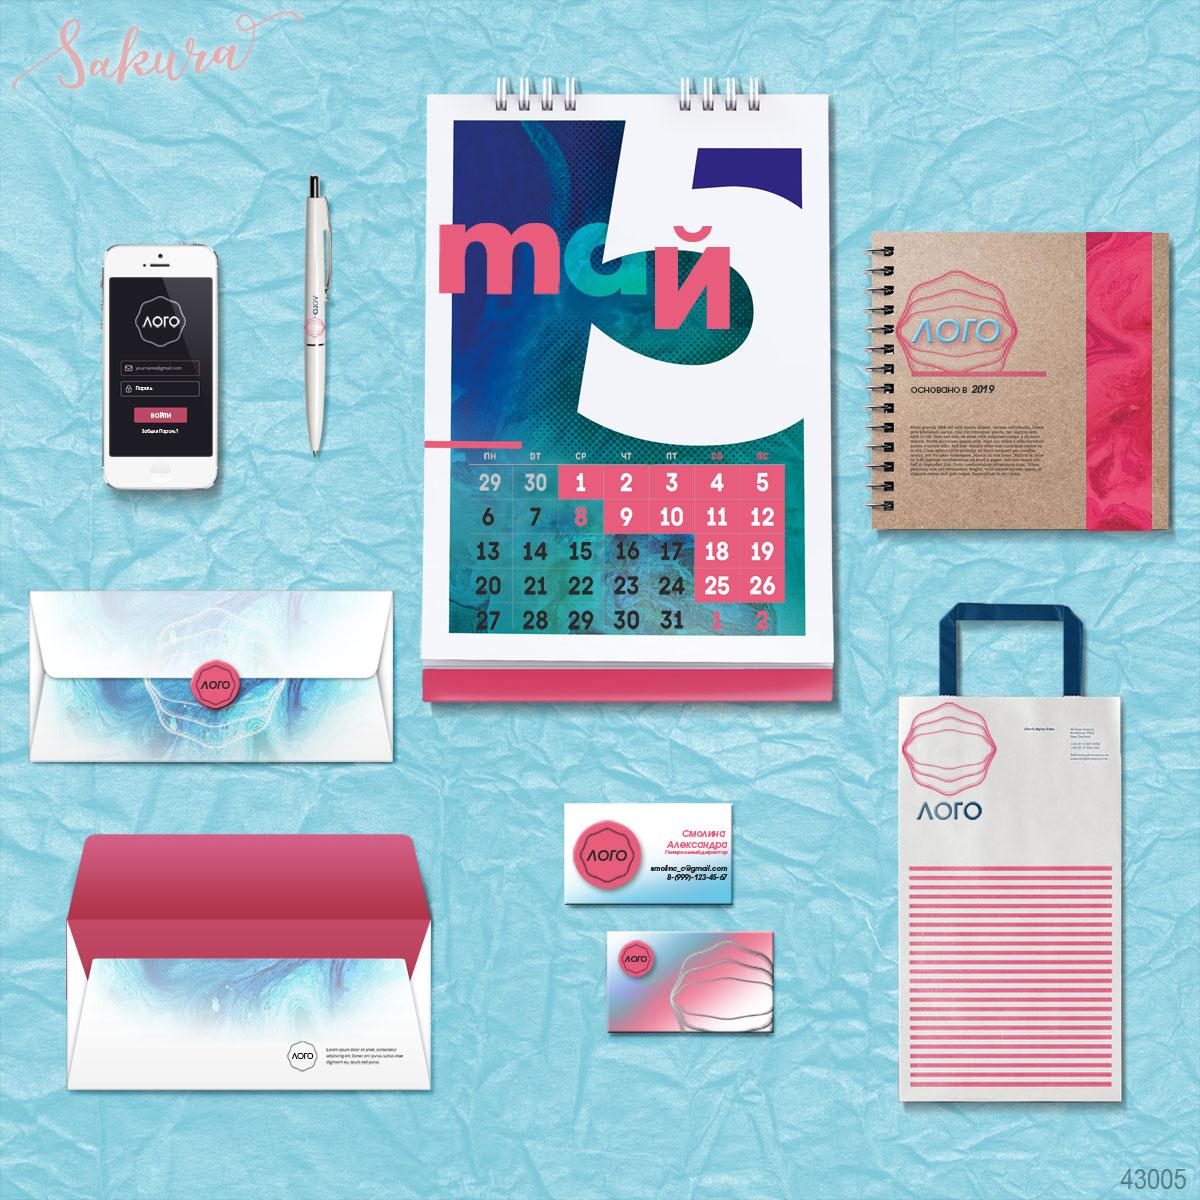 Изготовление корпоративных открыток и конвертов - Календарь, конверт, пакет, блокнот, ручка, визитки